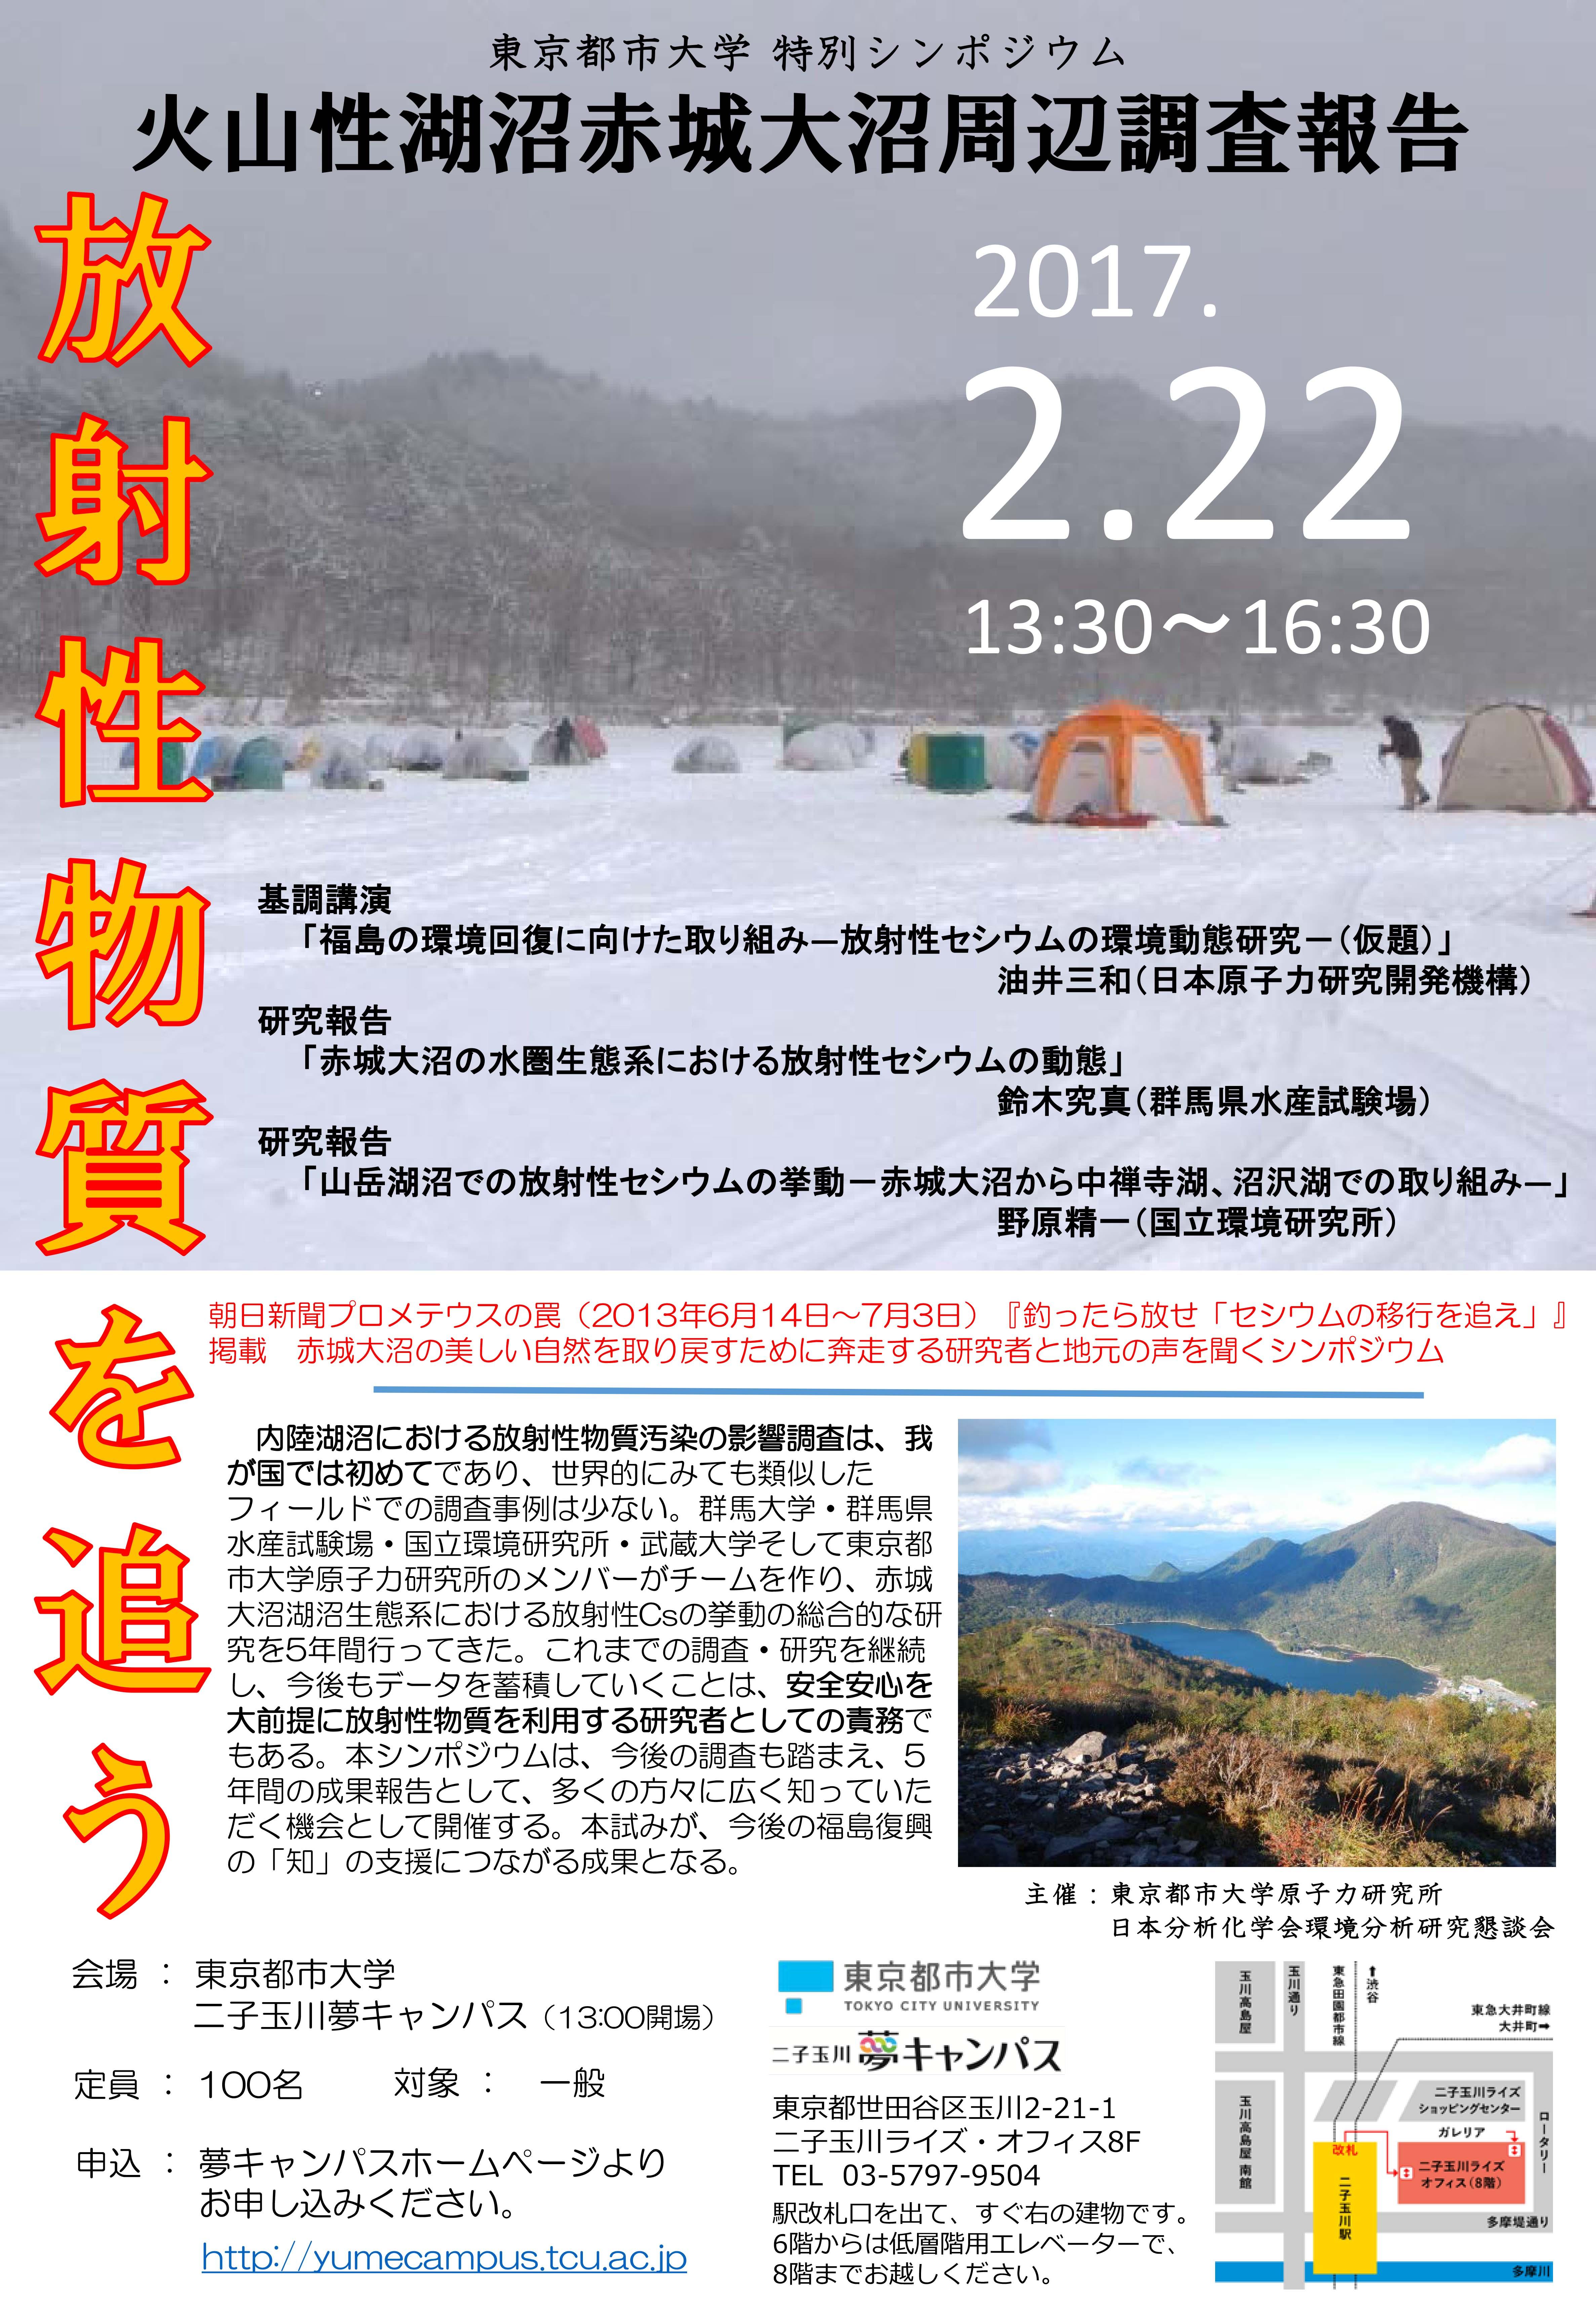 東京都市大学 特別シンポジウム「放射性物質を追う」―火山性湖沼赤城大沼周辺調査報告―